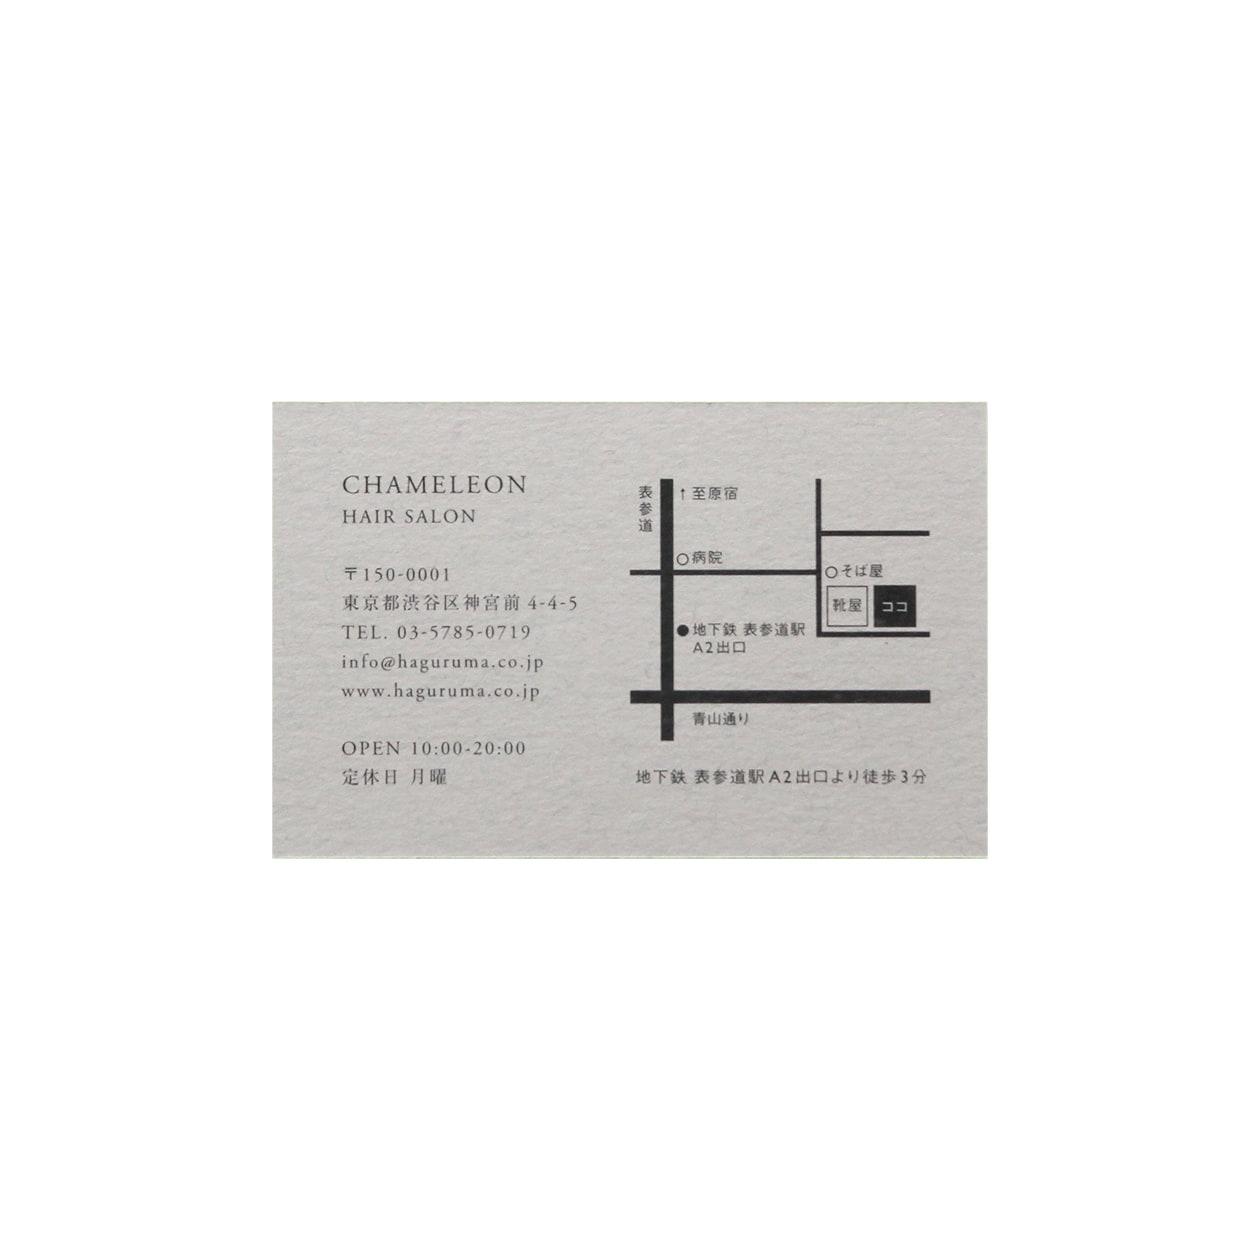 サンプル カード・シート 00405